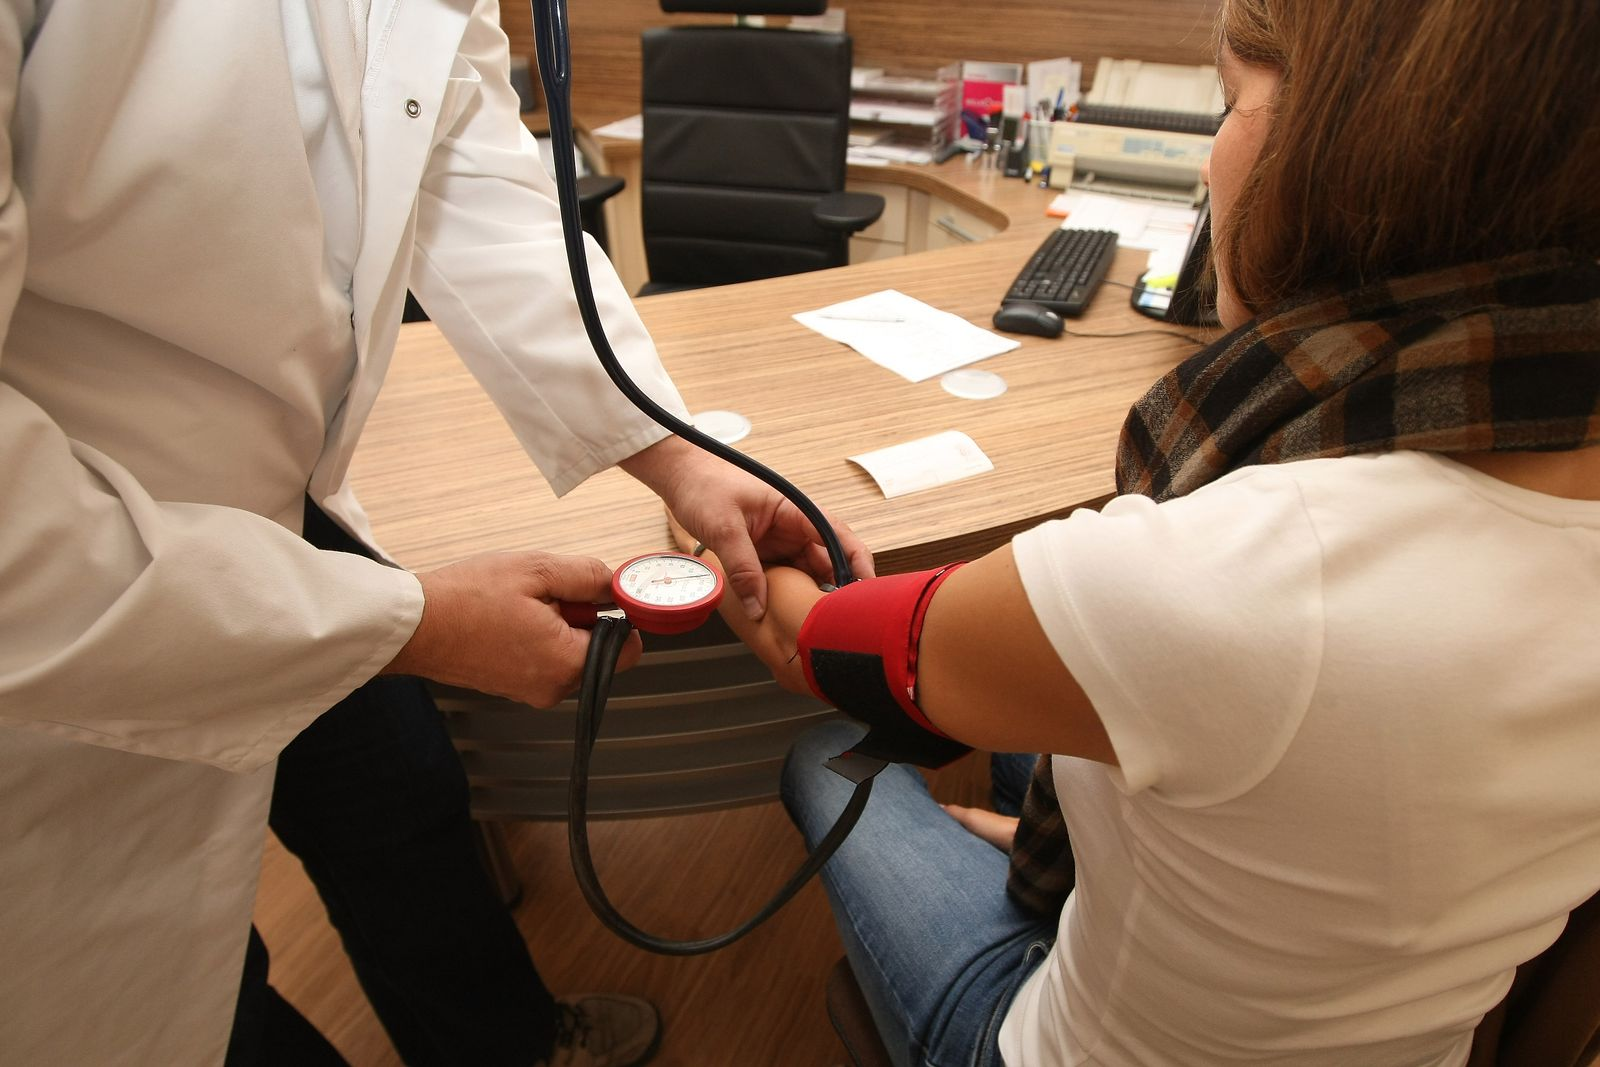 Arzt/ Patient